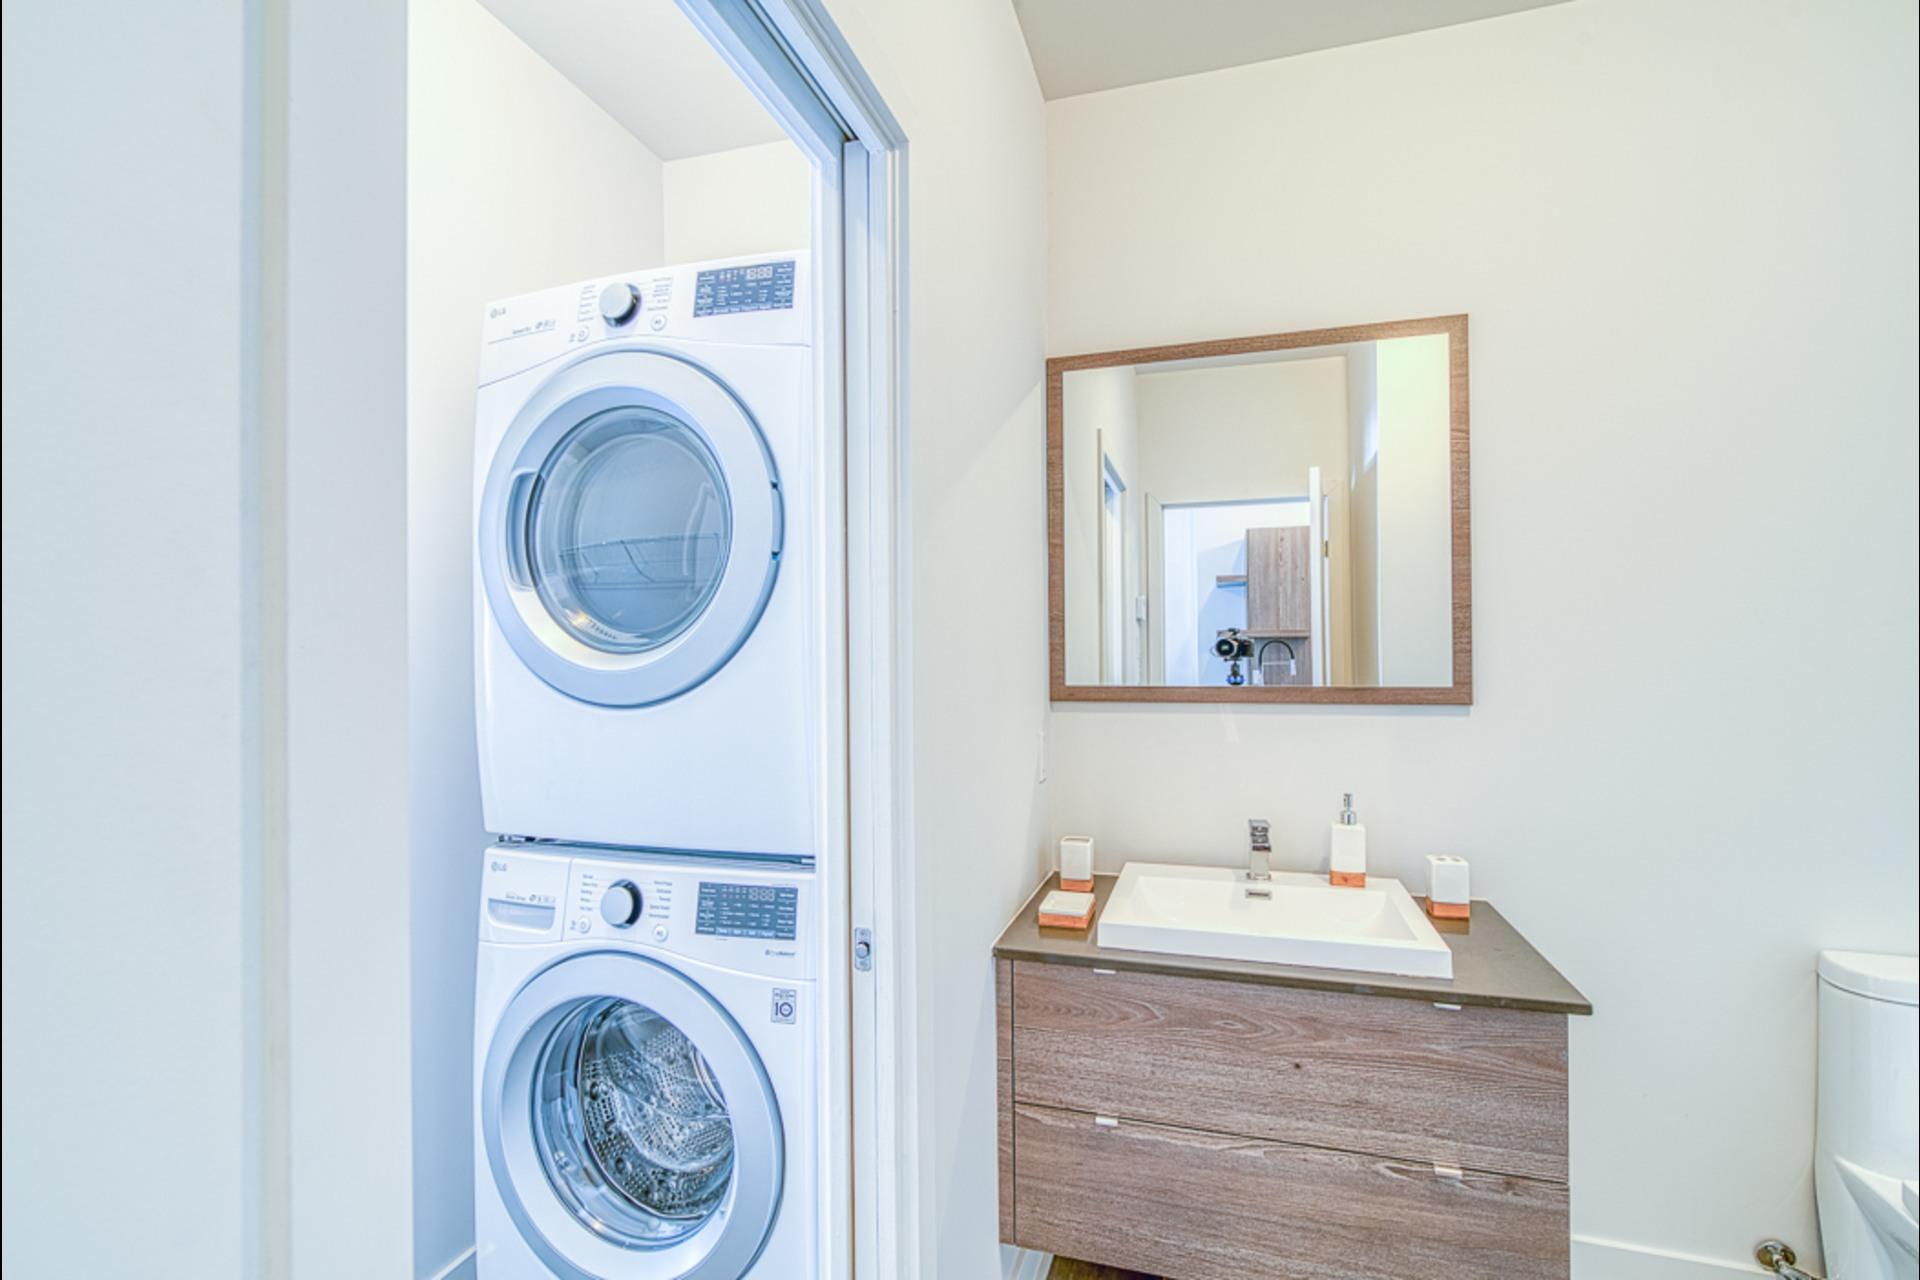 image 19 - MX - Condominio vertical - MX Para alquiler Montréal - 3 habitaciones